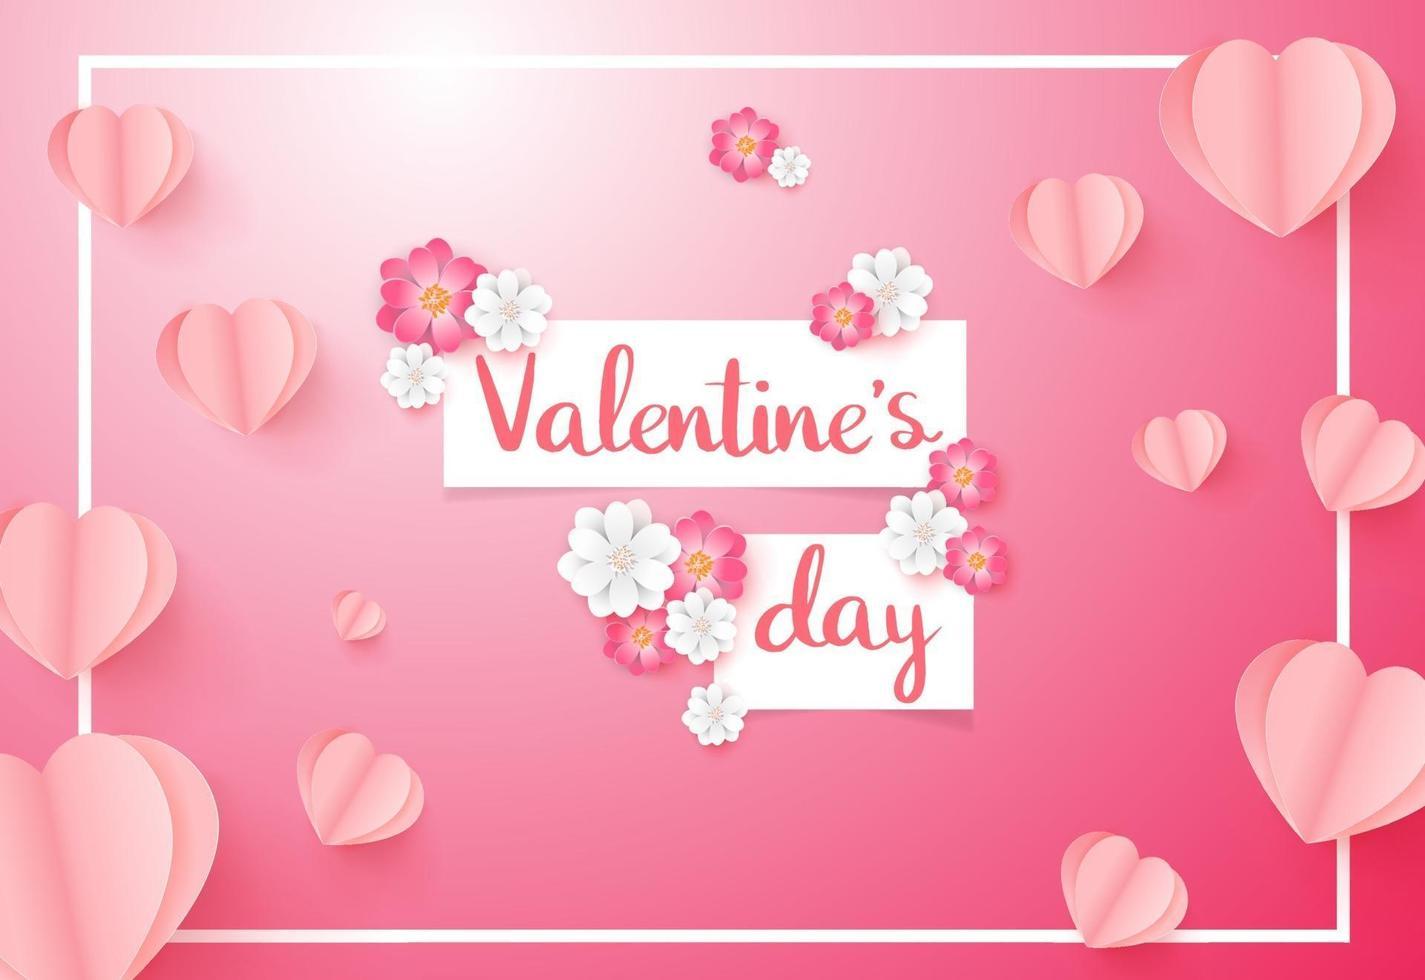 amore biglietto d'invito San Valentino vendita sfondo con palloncini a forma di cuore. vettore